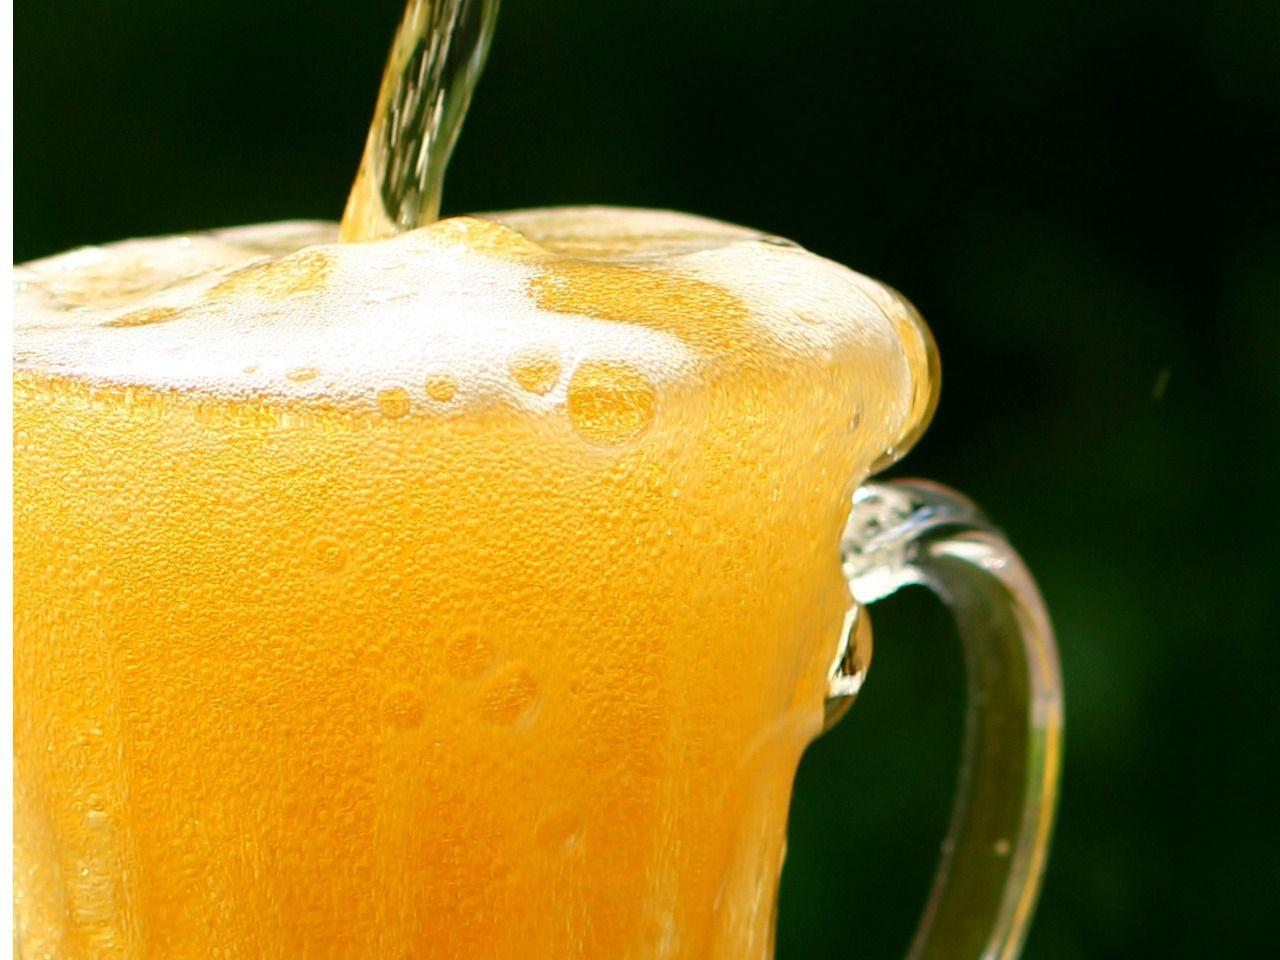 Cerveza artesanal: una oportunidad para emprender